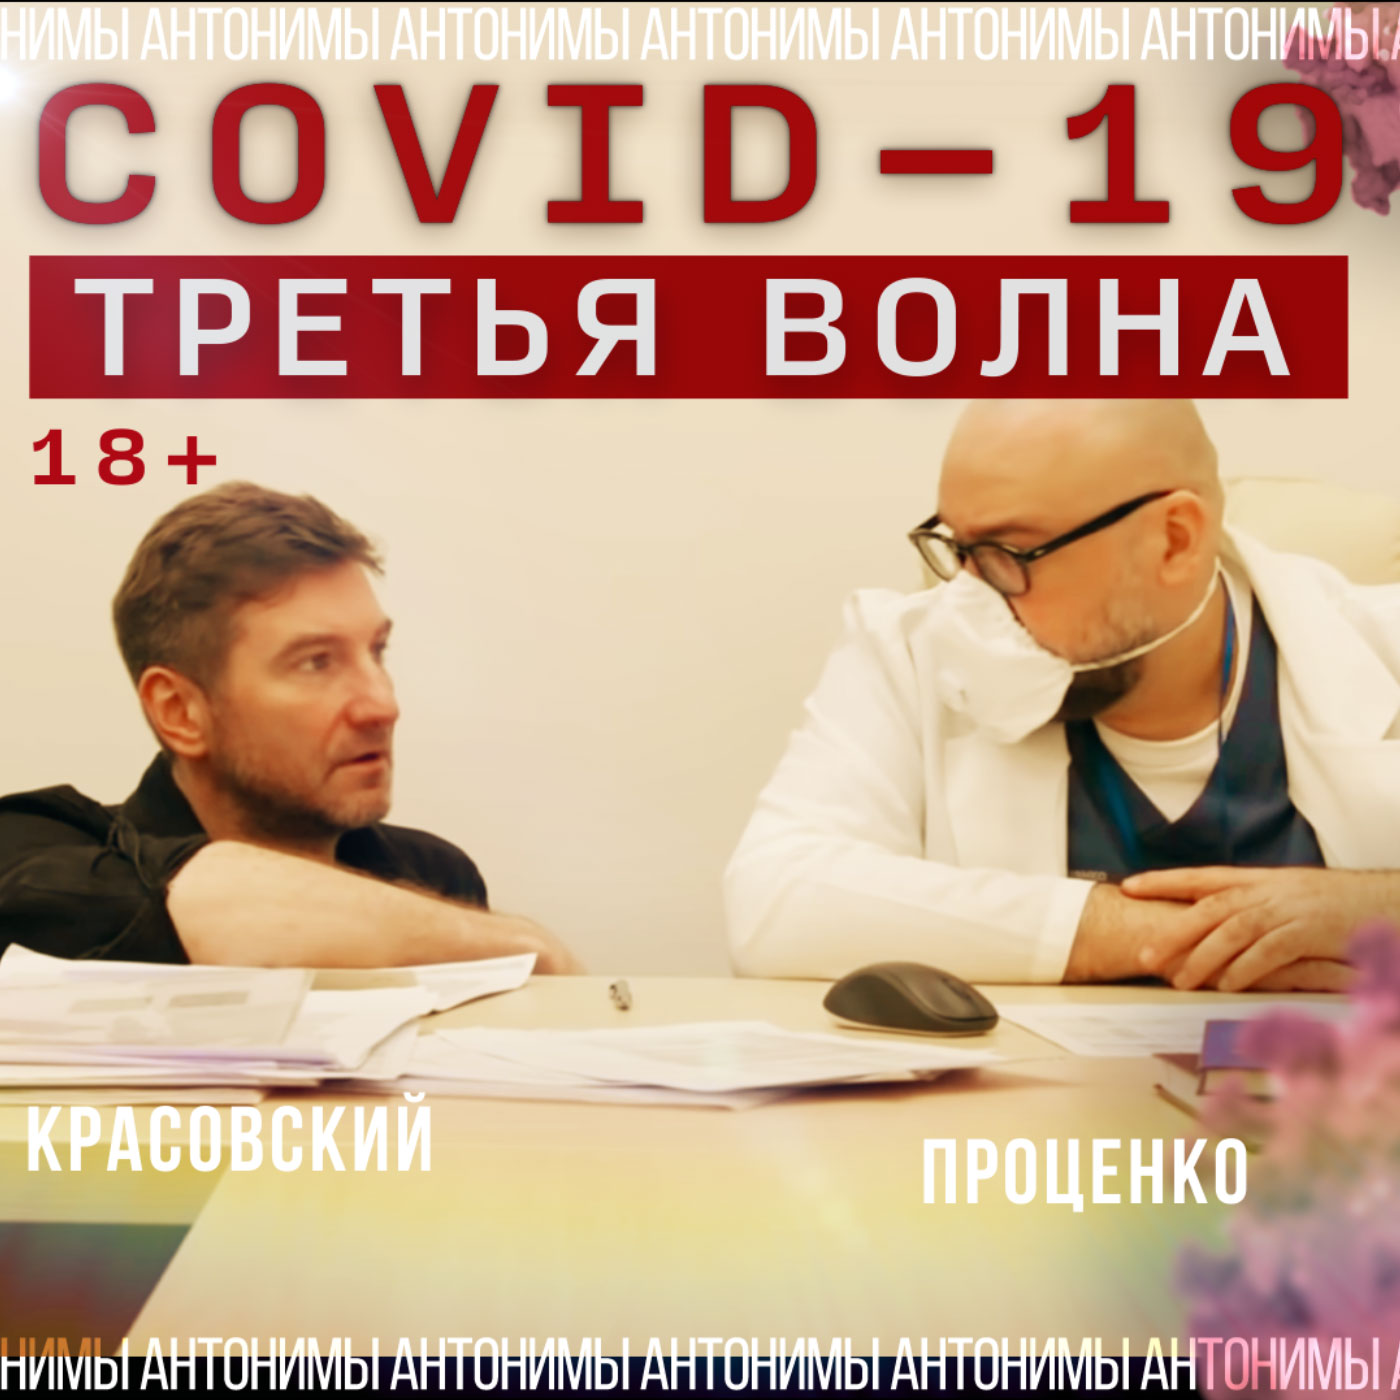 COVID-19: новый взрыв. Денис Проценко о третьей волне эпидемии // Антонимы с Антоном Красовским